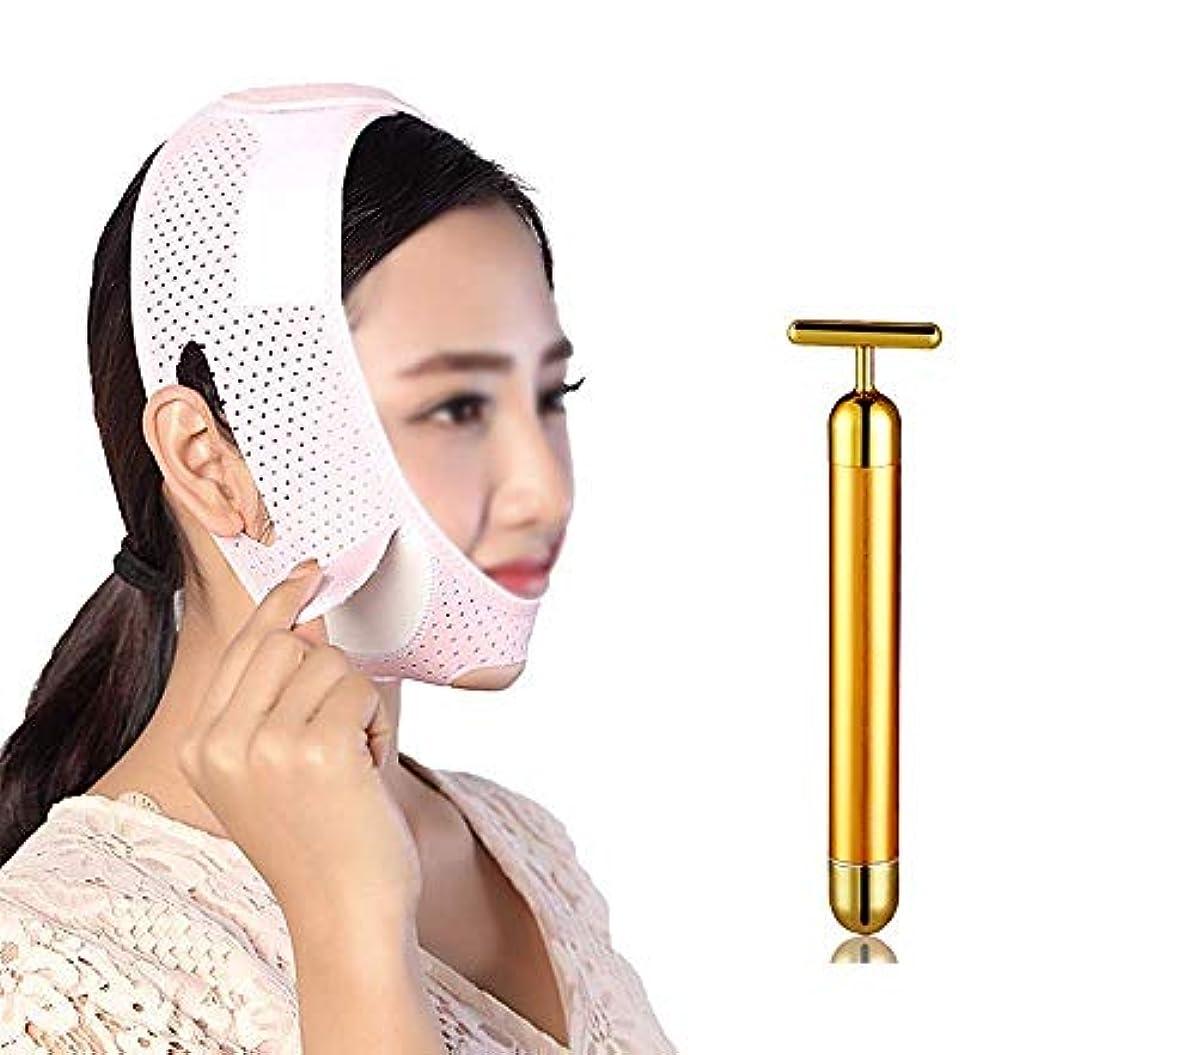 導出エントリヒステリック顔と首を持ち上げる術後弾性セットVフェイスマスクは、チンV顔アーティファクト回復サポートベルトの収縮の調整を強化します。